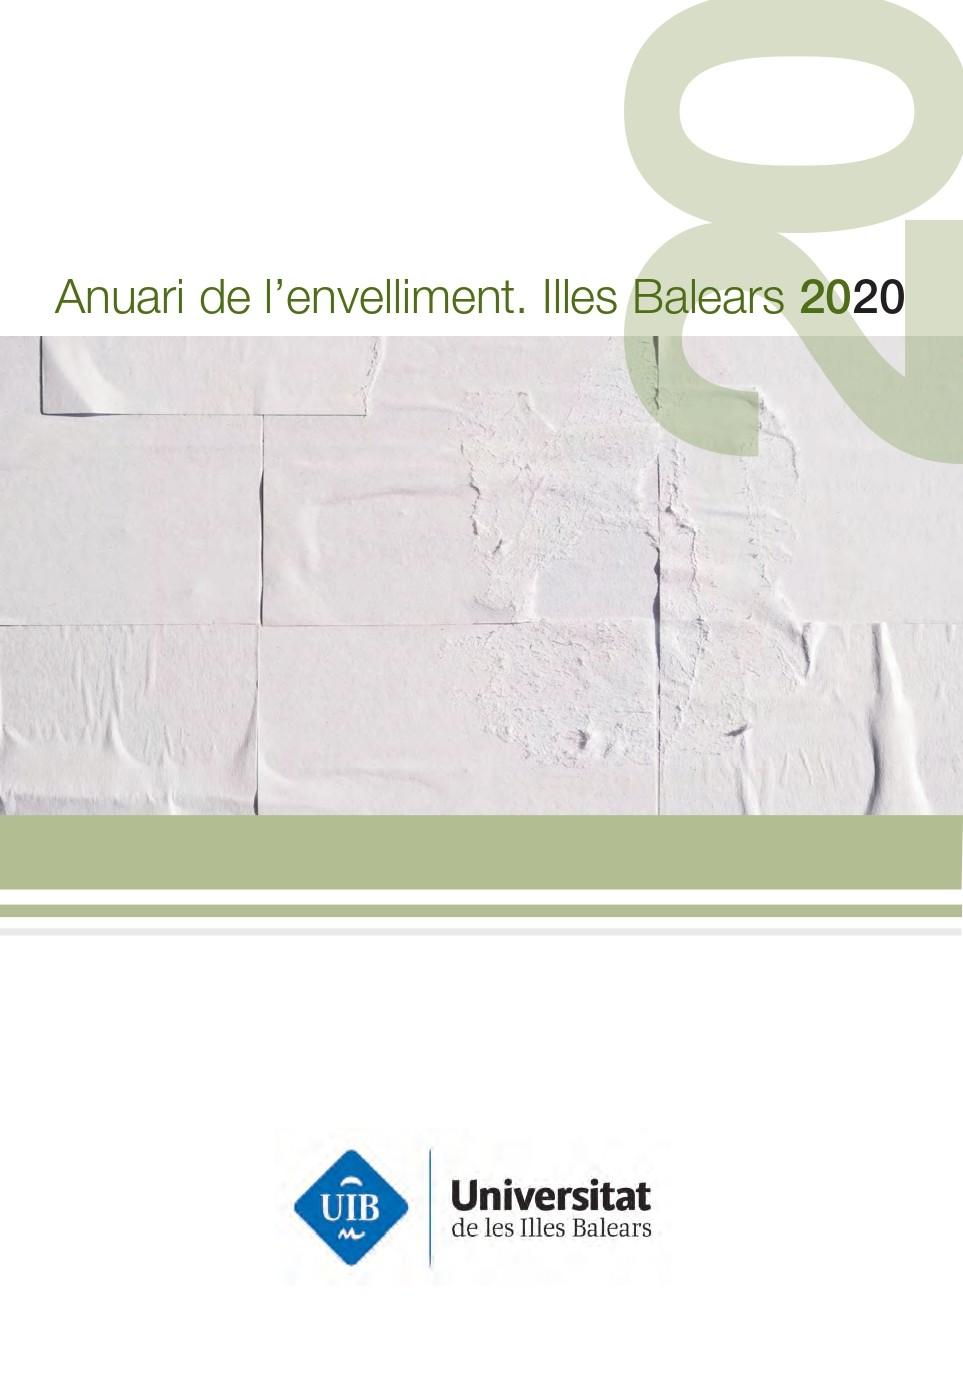 Nota de premsa sobre l'Anuari de l'envelliment, Illes Balears 2020